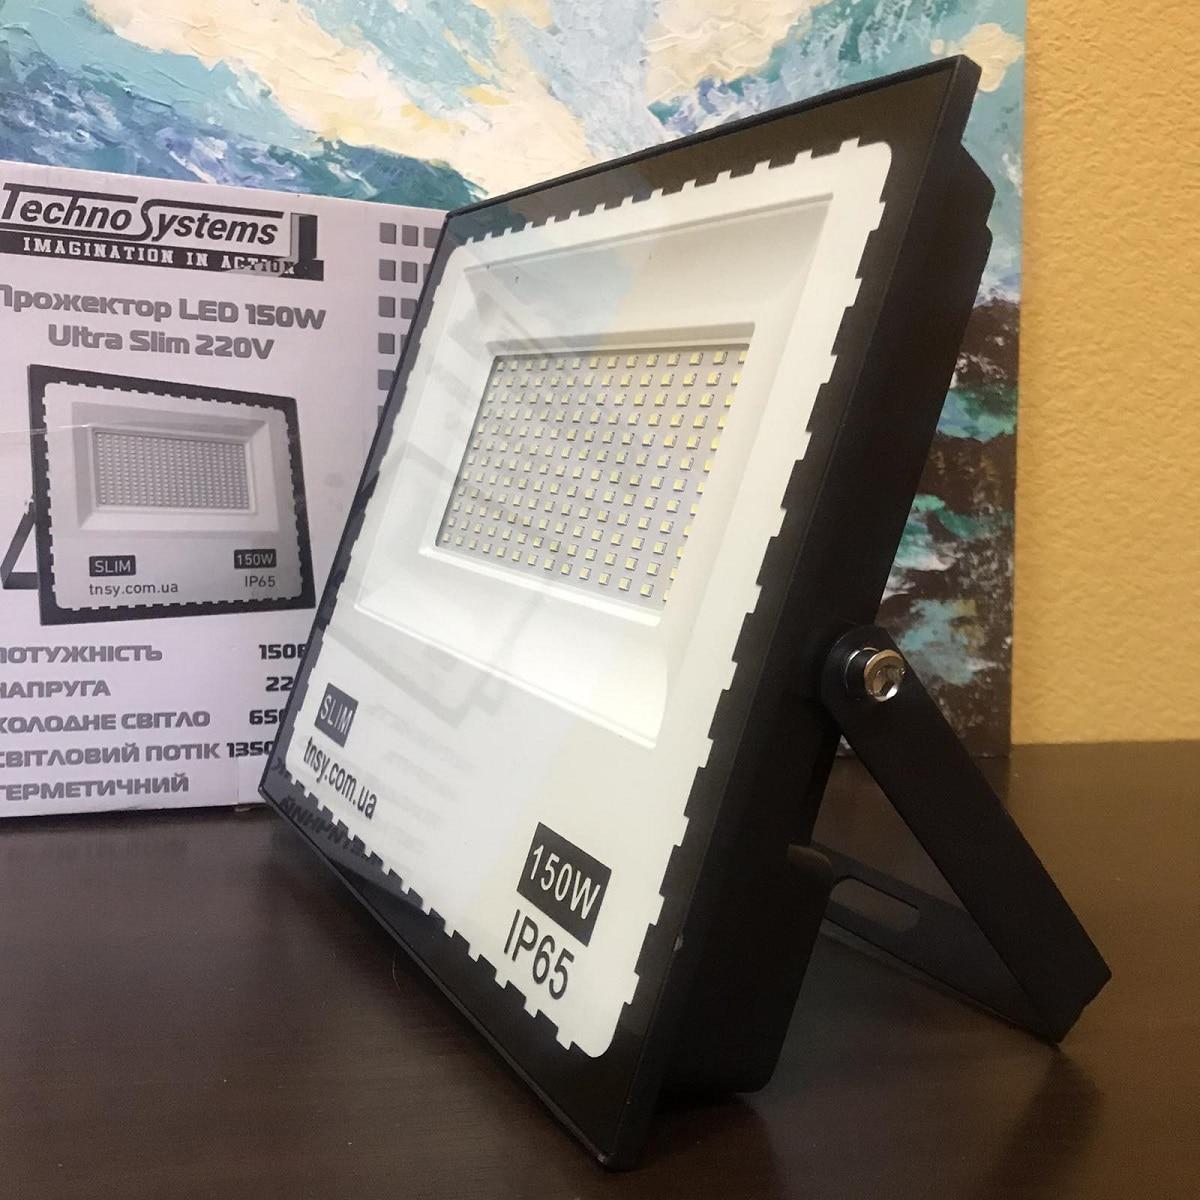 Светодиодное освещение - Лед прожектор 150W TNSy 180-260V IP65 SMD 000000447 - Фото 2